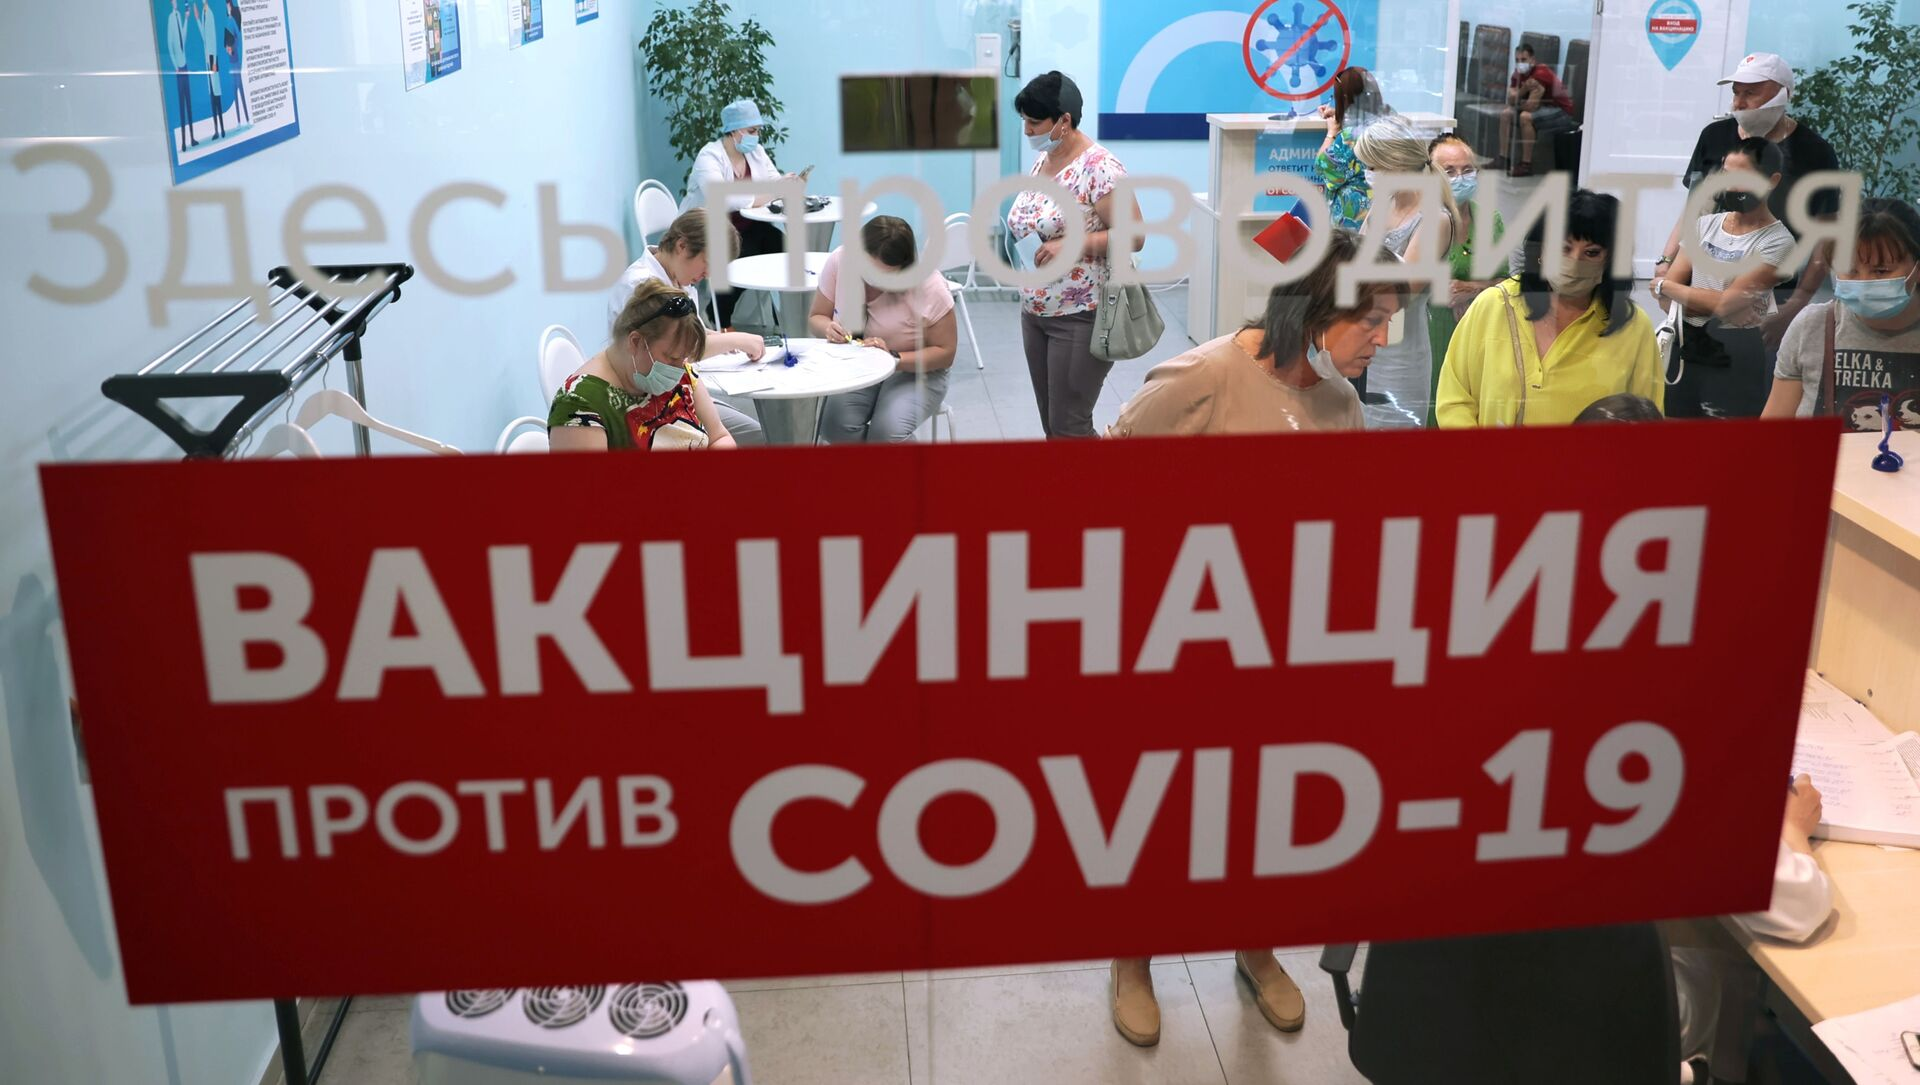 Вакцинация от COVID-19 в Туле - Sputnik Абхазия, 1920, 27.07.2021